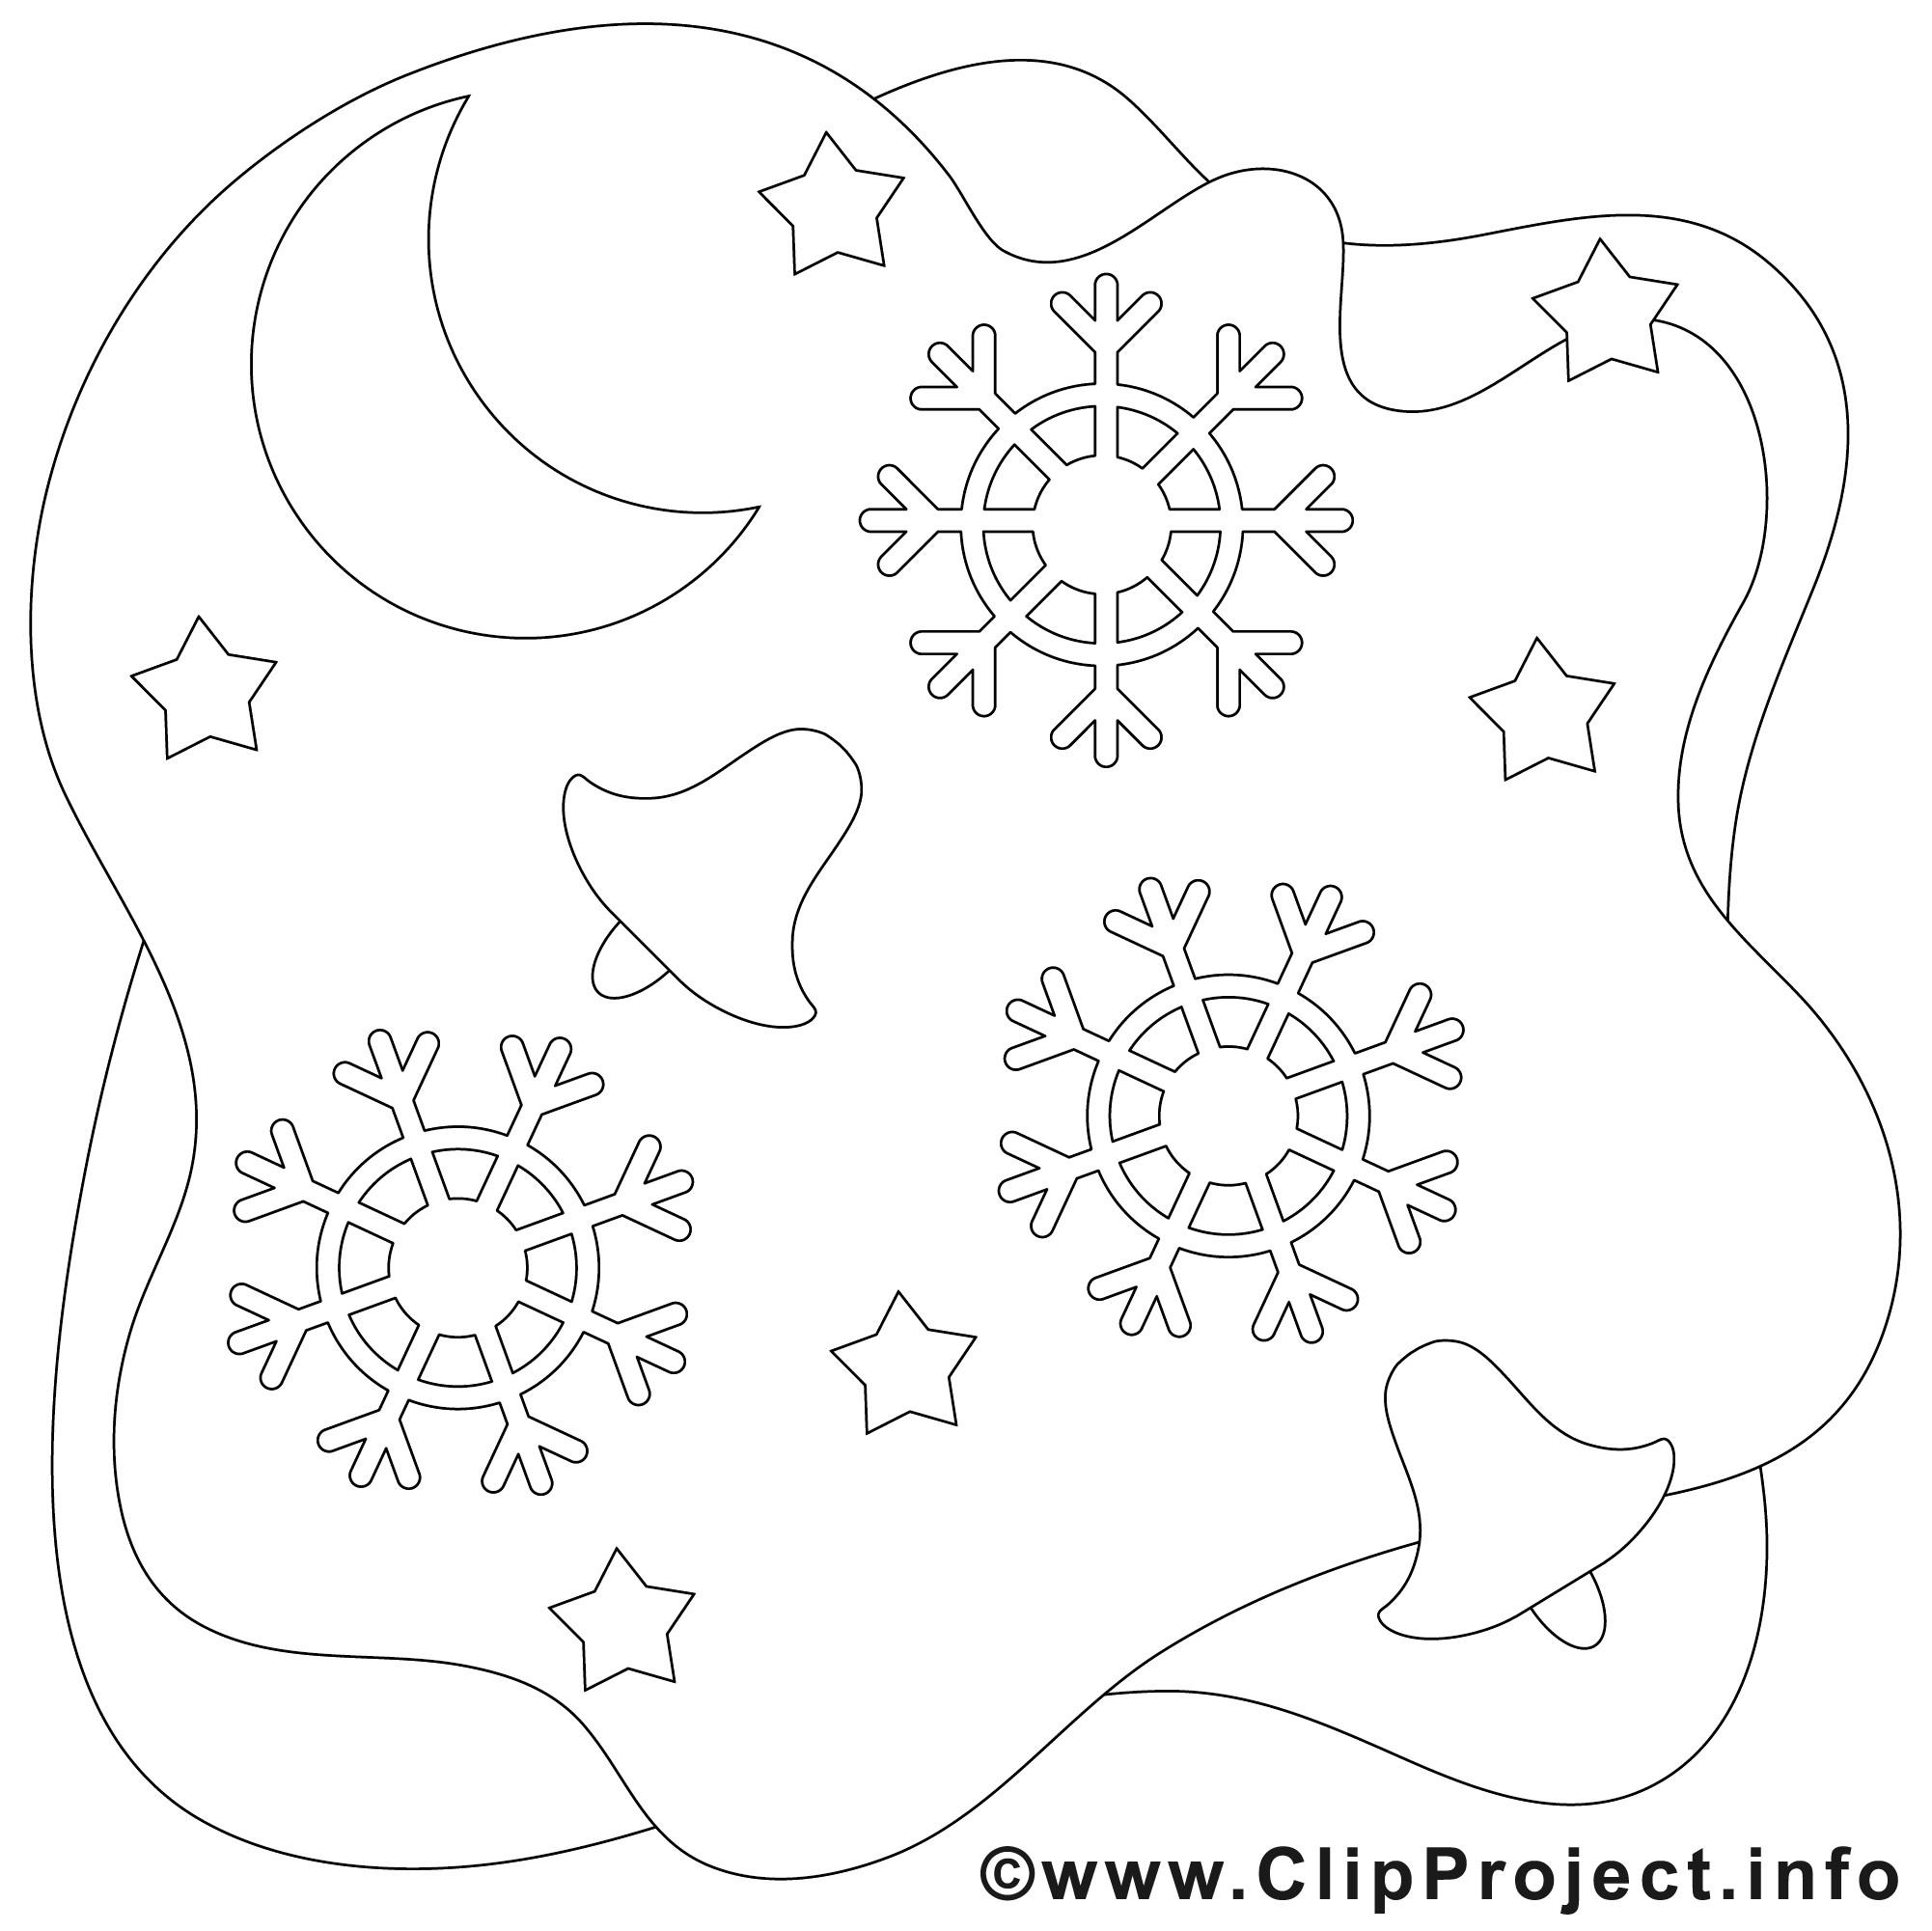 Schneeflocken Malvorlagen  Weihnachtsglocken und Schneeflocken Bild Malvorlage